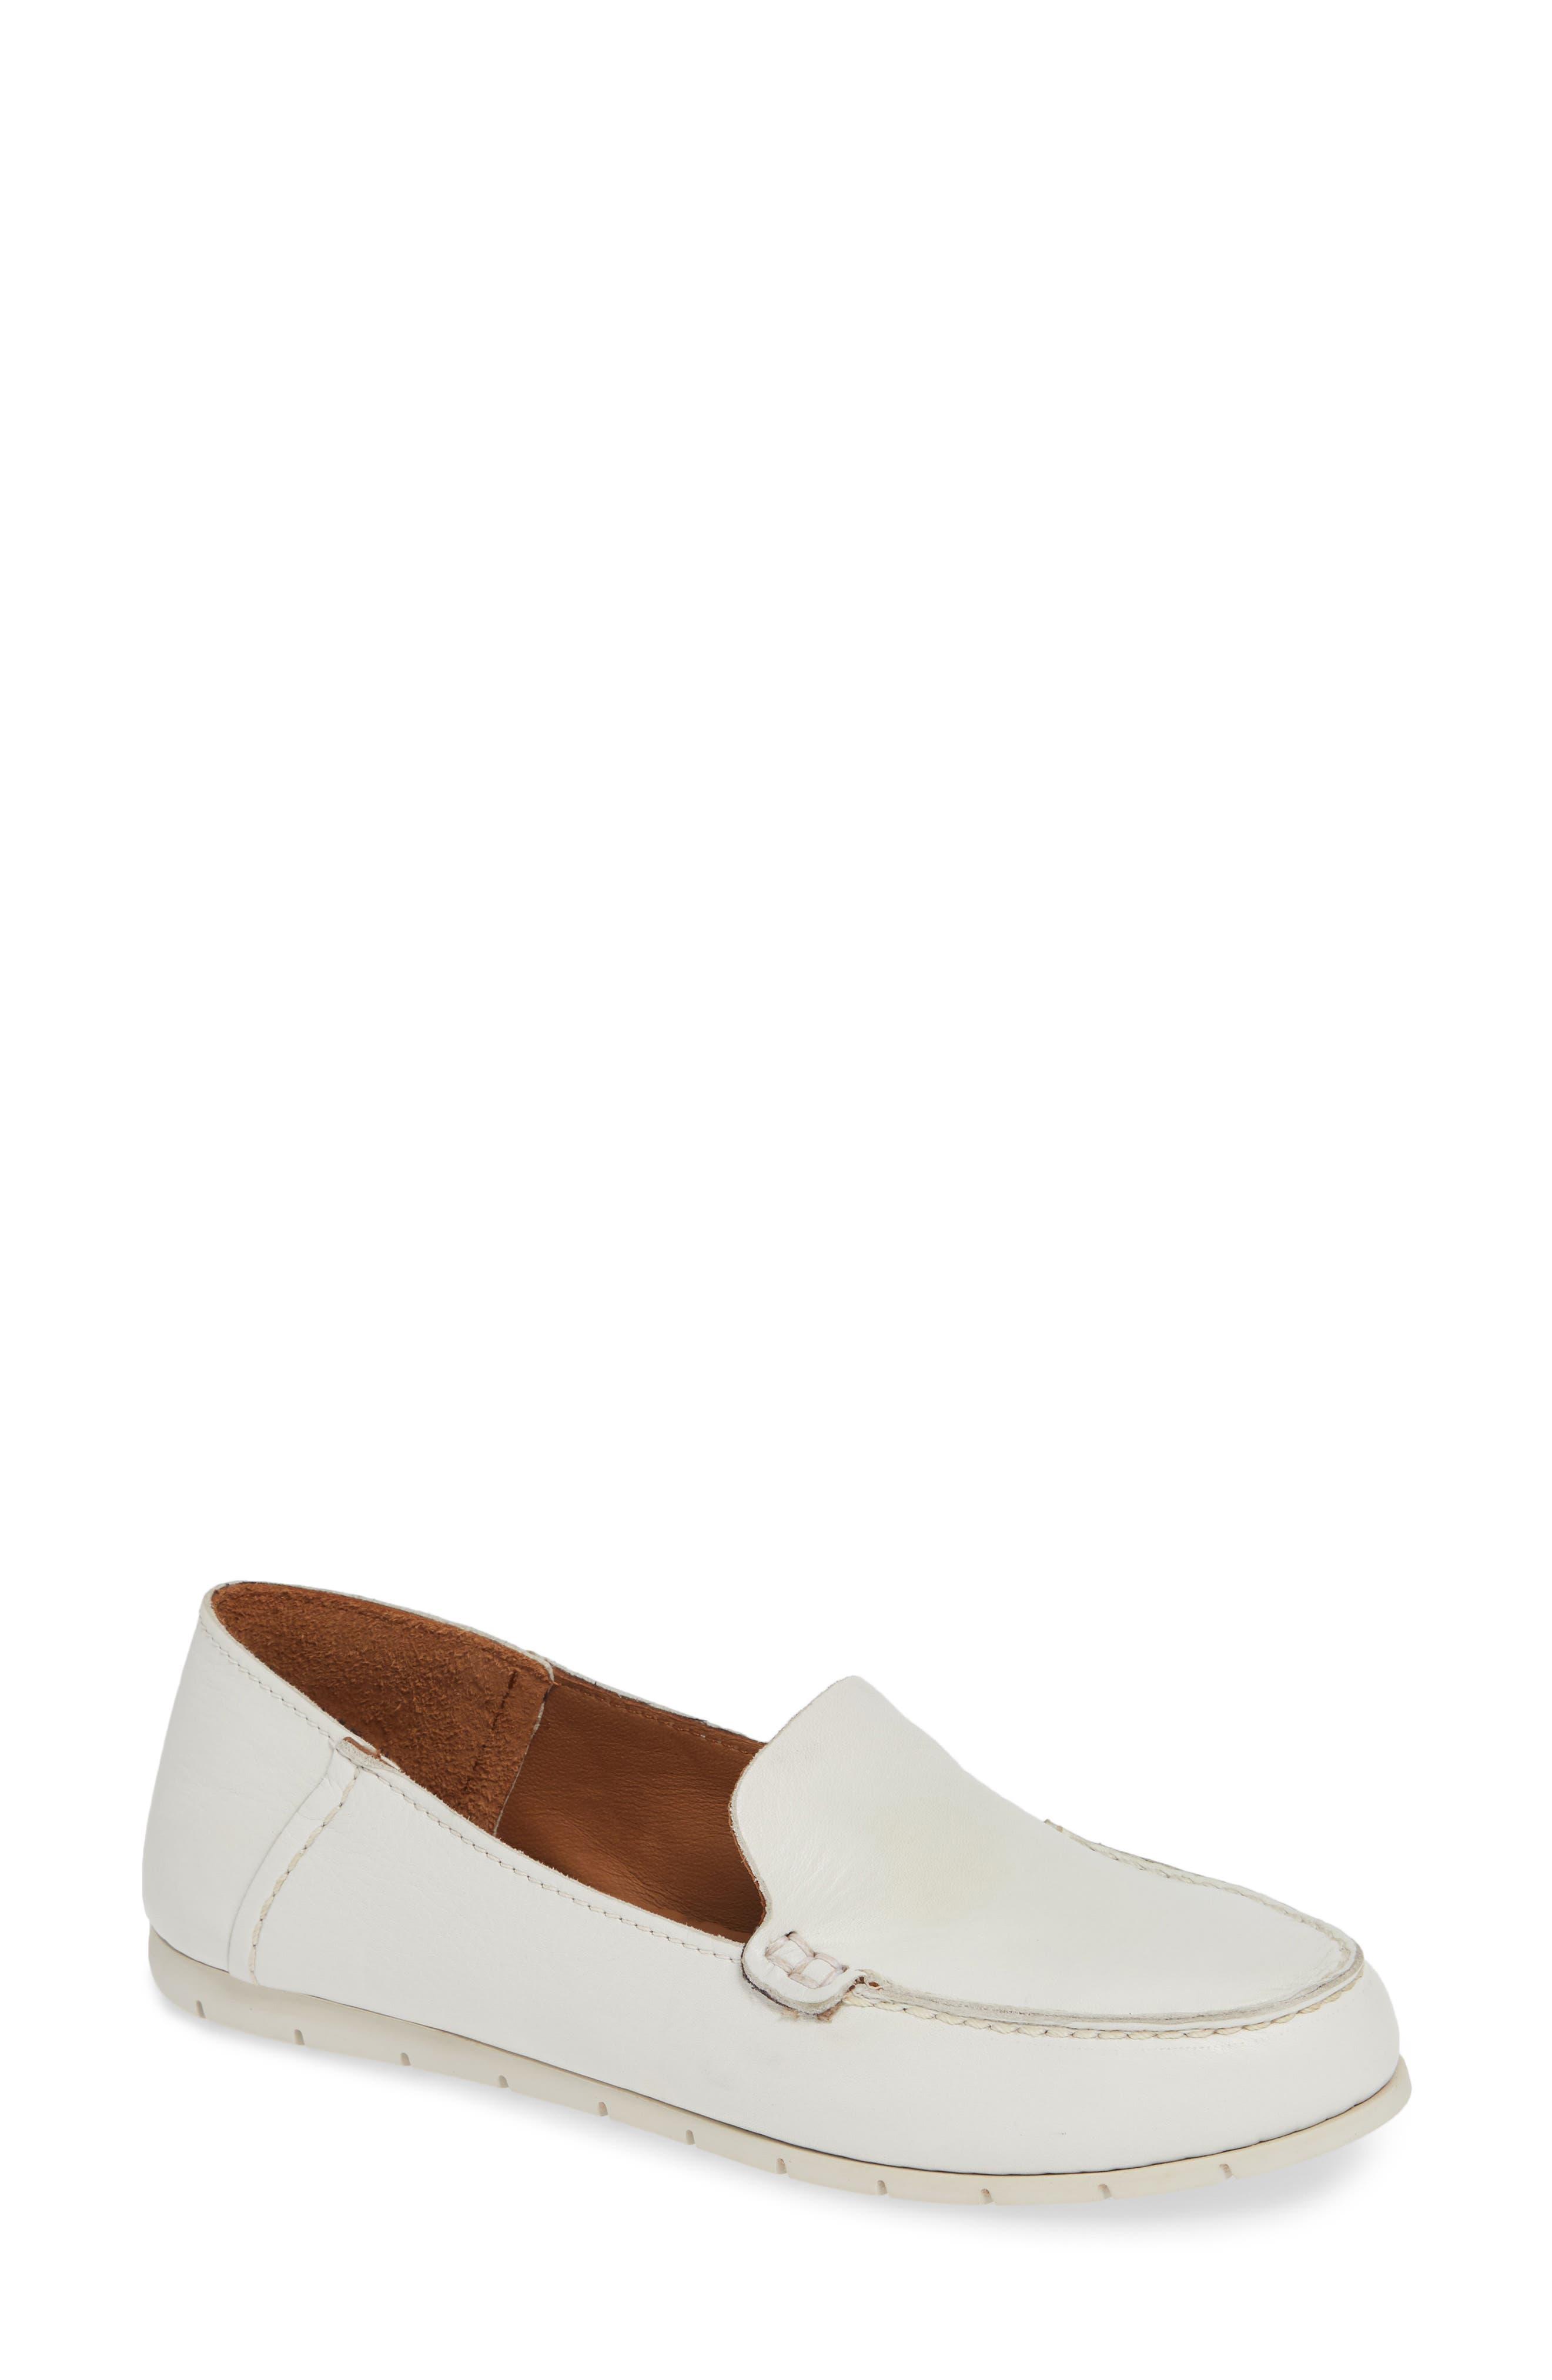 Frye Sedona Venetian Loafer- White